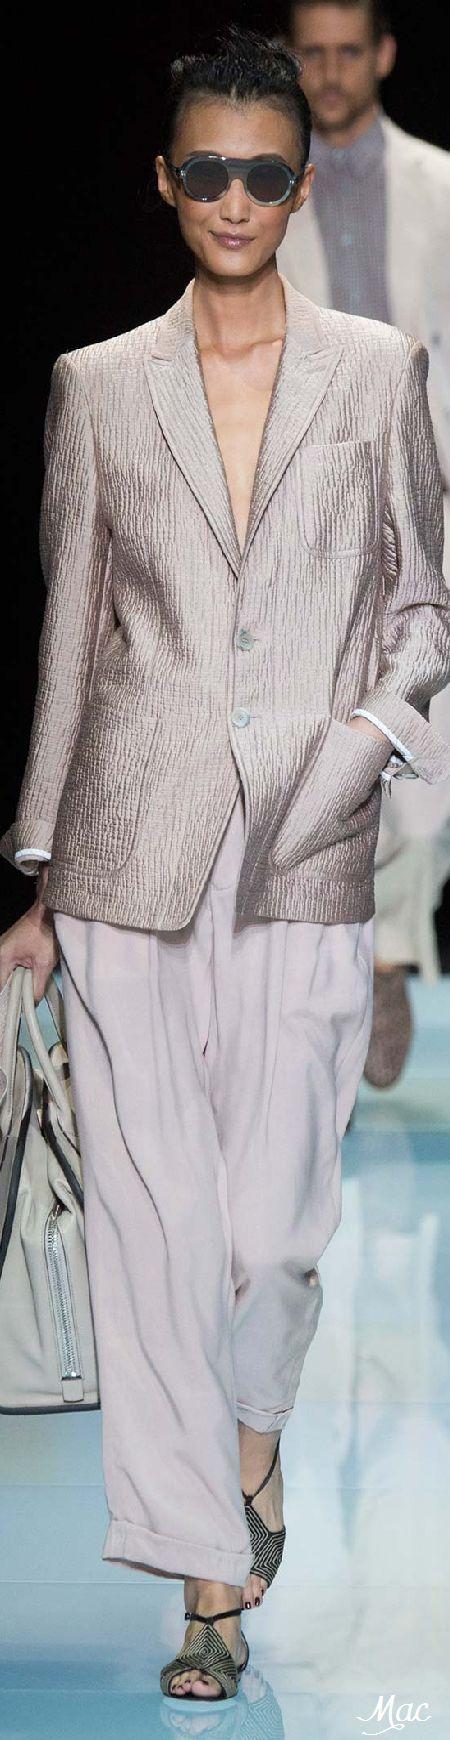 Summer workwear perfection. Giorgio Armani Spring 2016 | www.bold-in-gold.com   #boldingoldblog